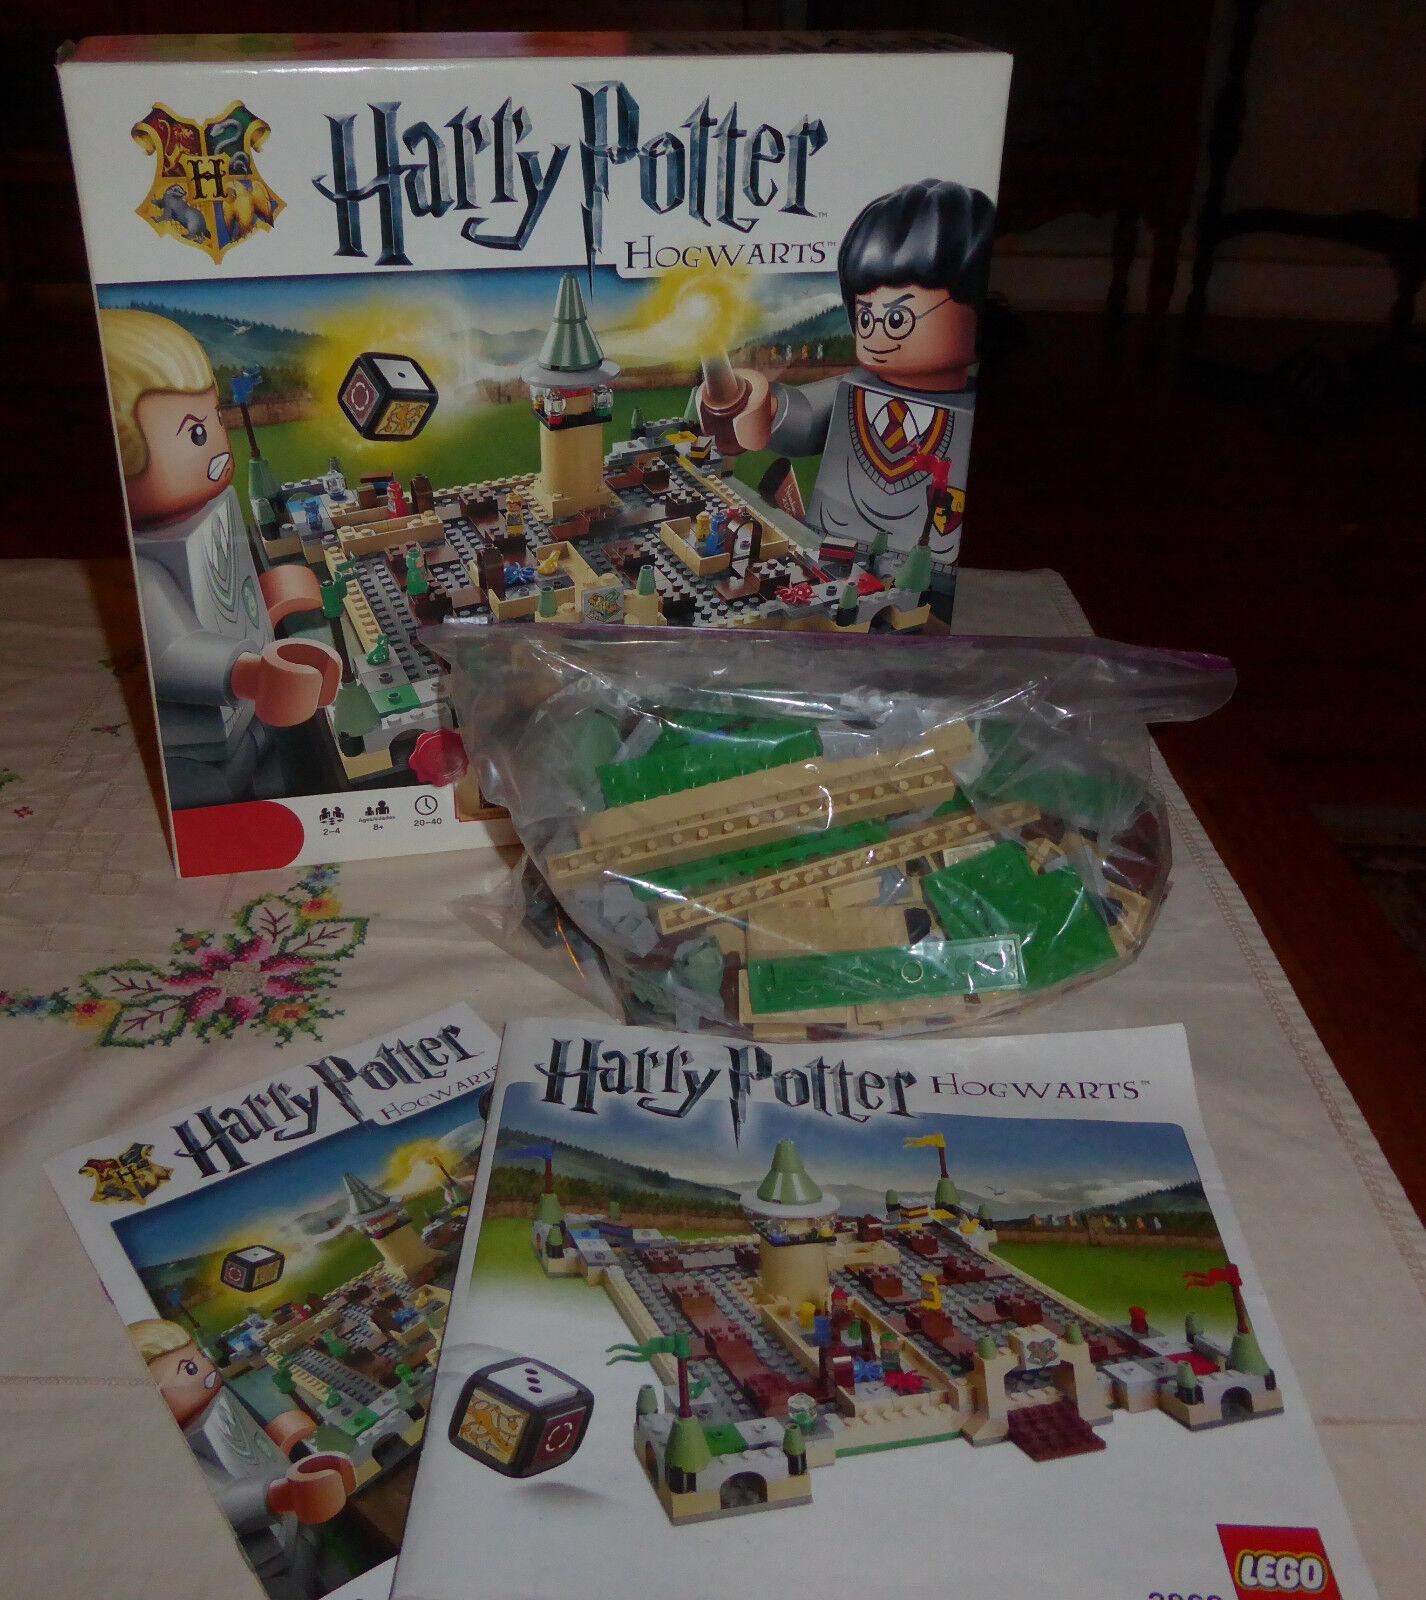 Lego - Games - Harry Potter Hogwarts Hogwarts Hogwarts - Complete   Retired 10a120